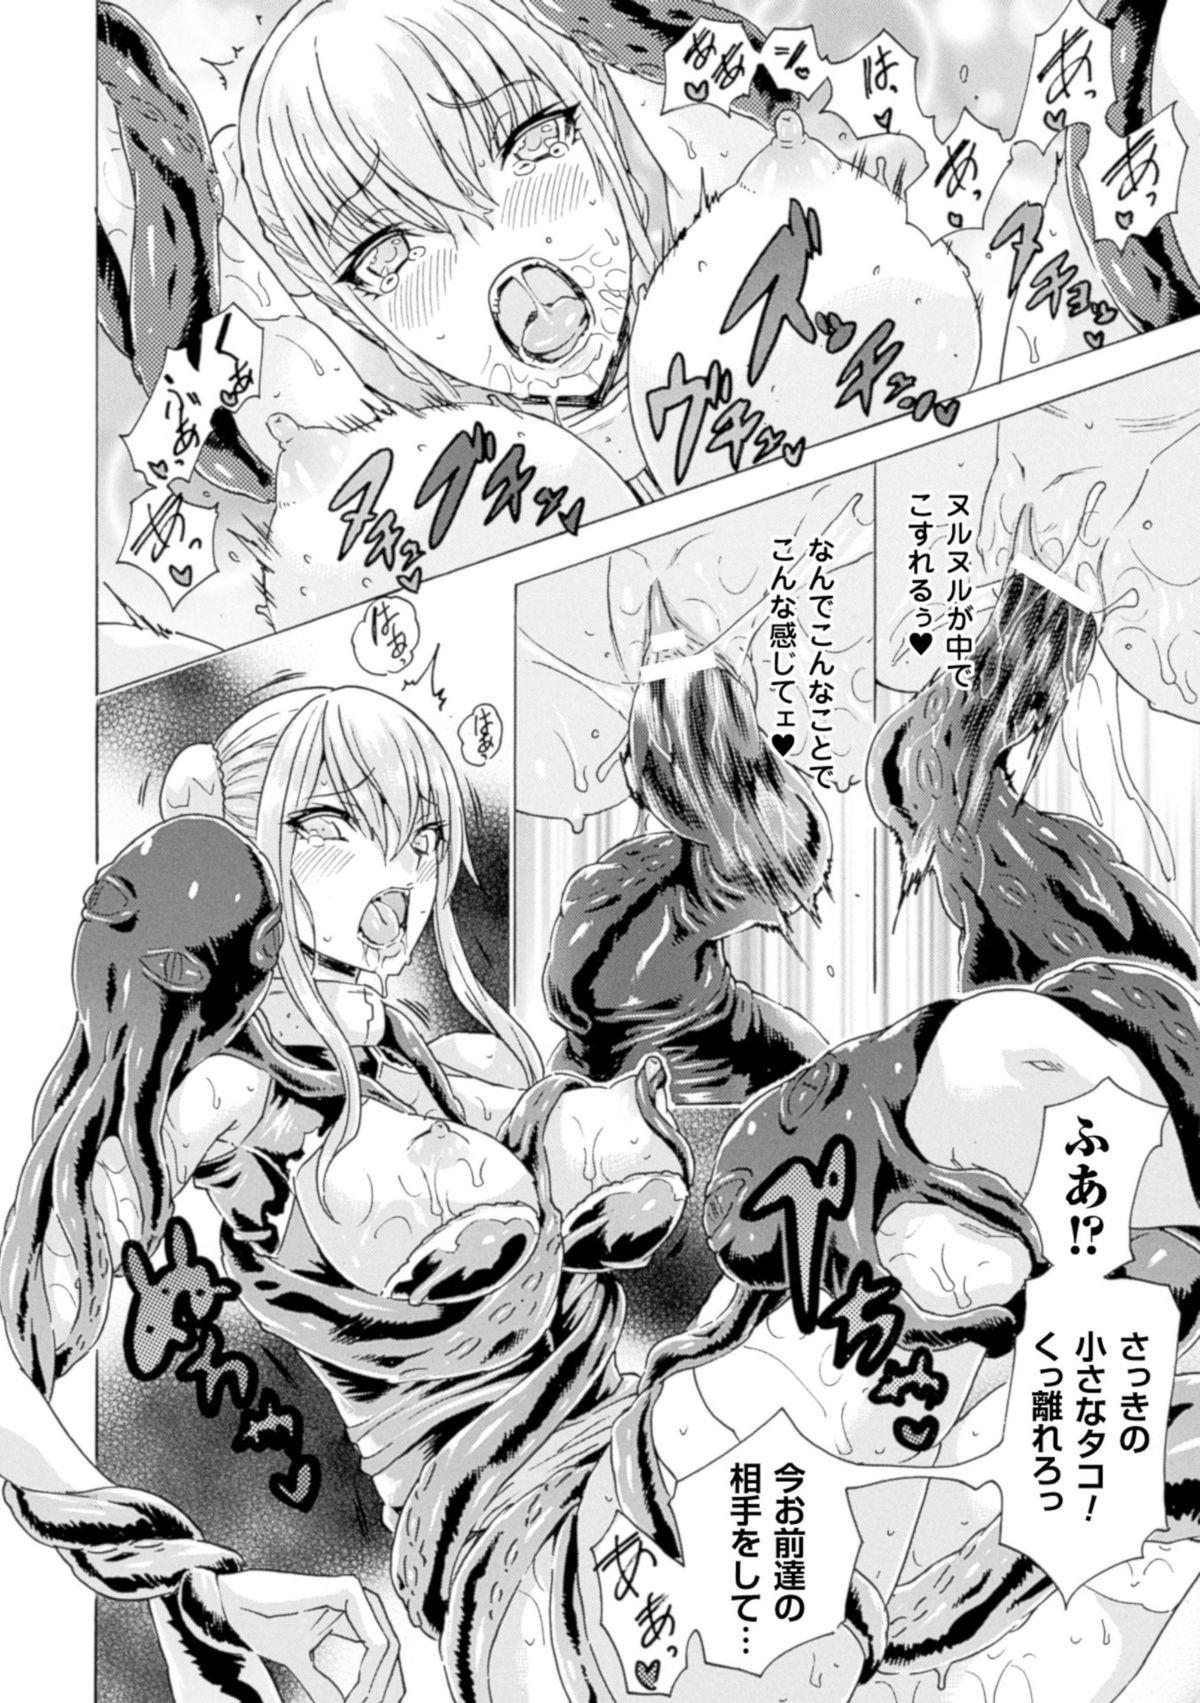 2D Comic Magazine Suisei Seibutsu ni Okasareru Heroine-tachi Vol. 1 17